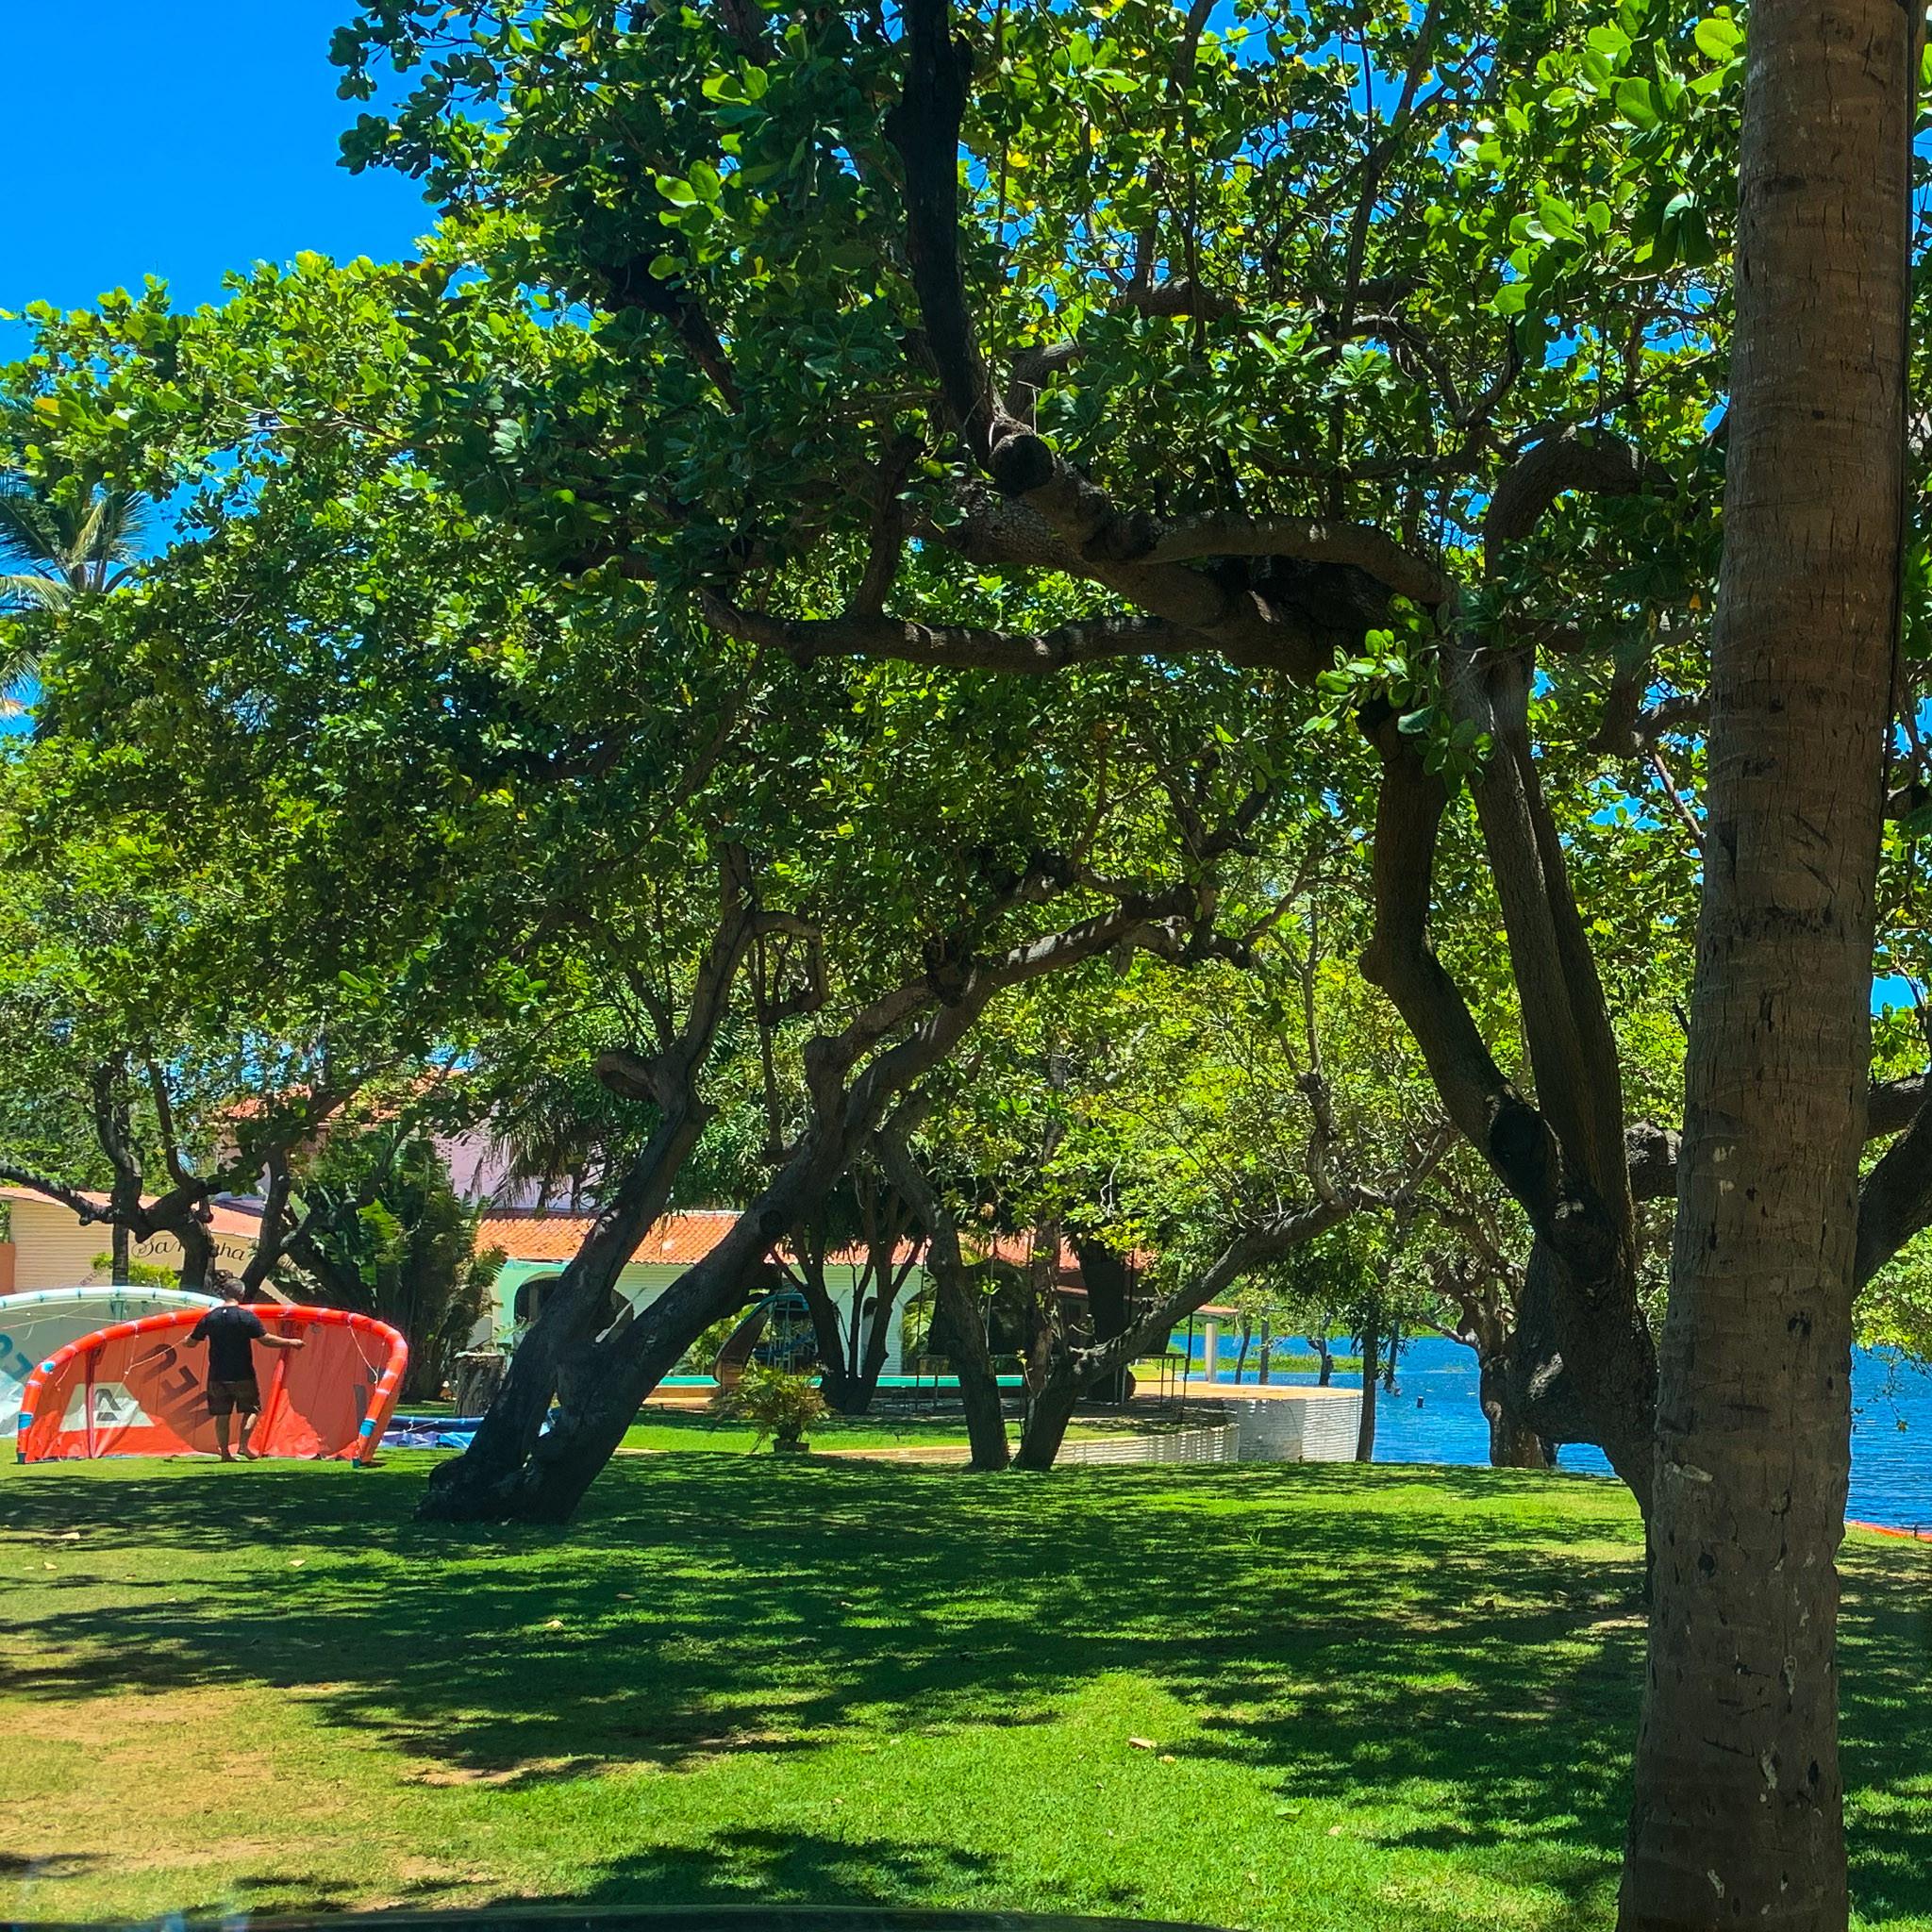 Guajiru, Brazil